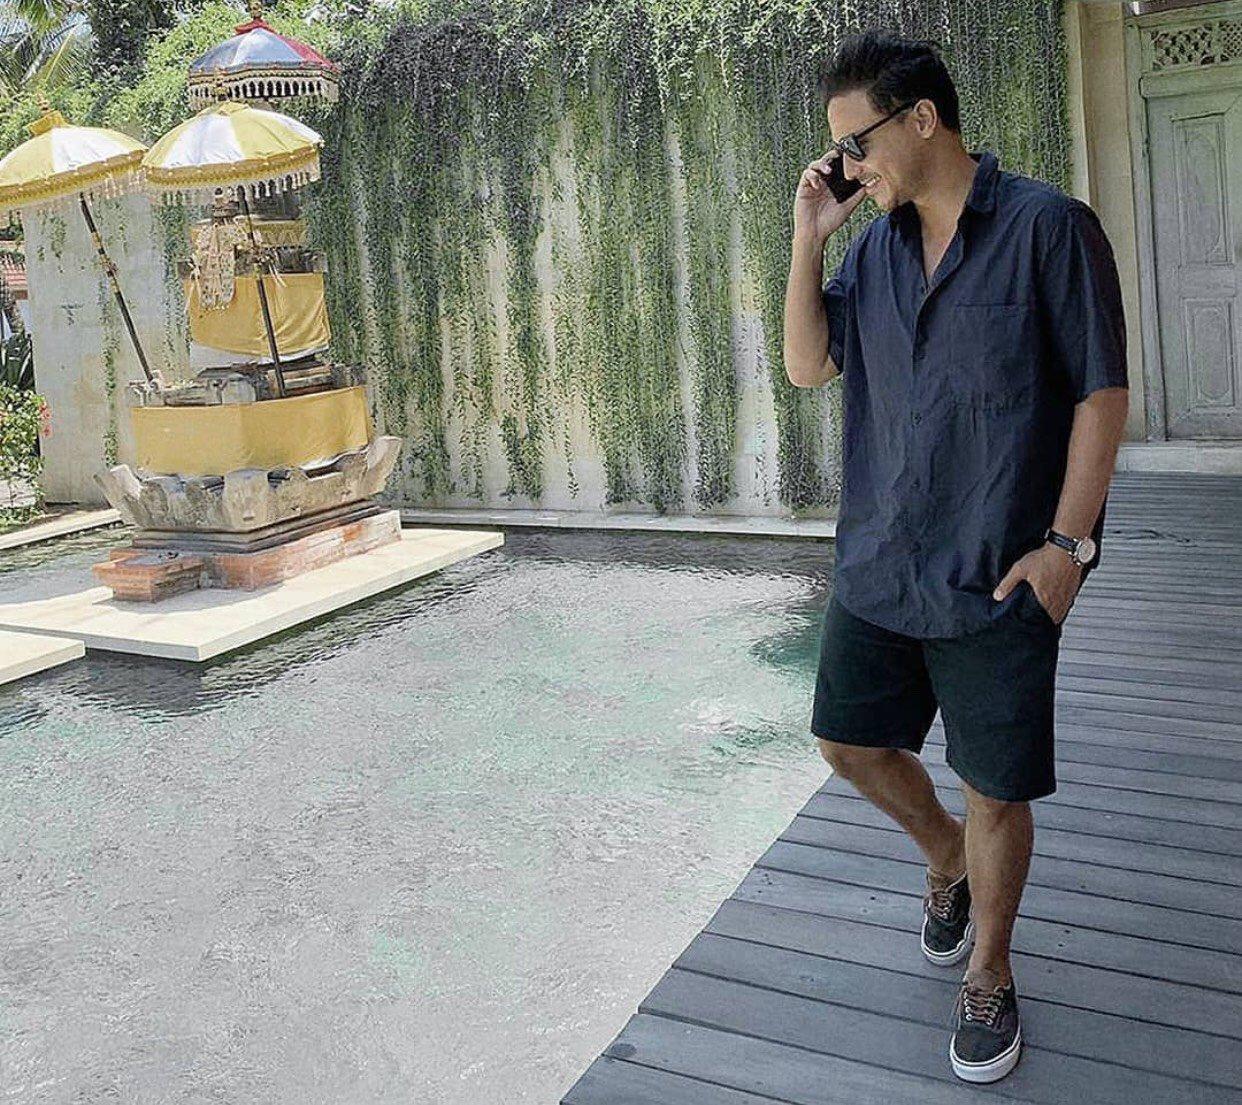 Gaya Outfit Hamish Daud, Bikin Kaum Hawa Semaput